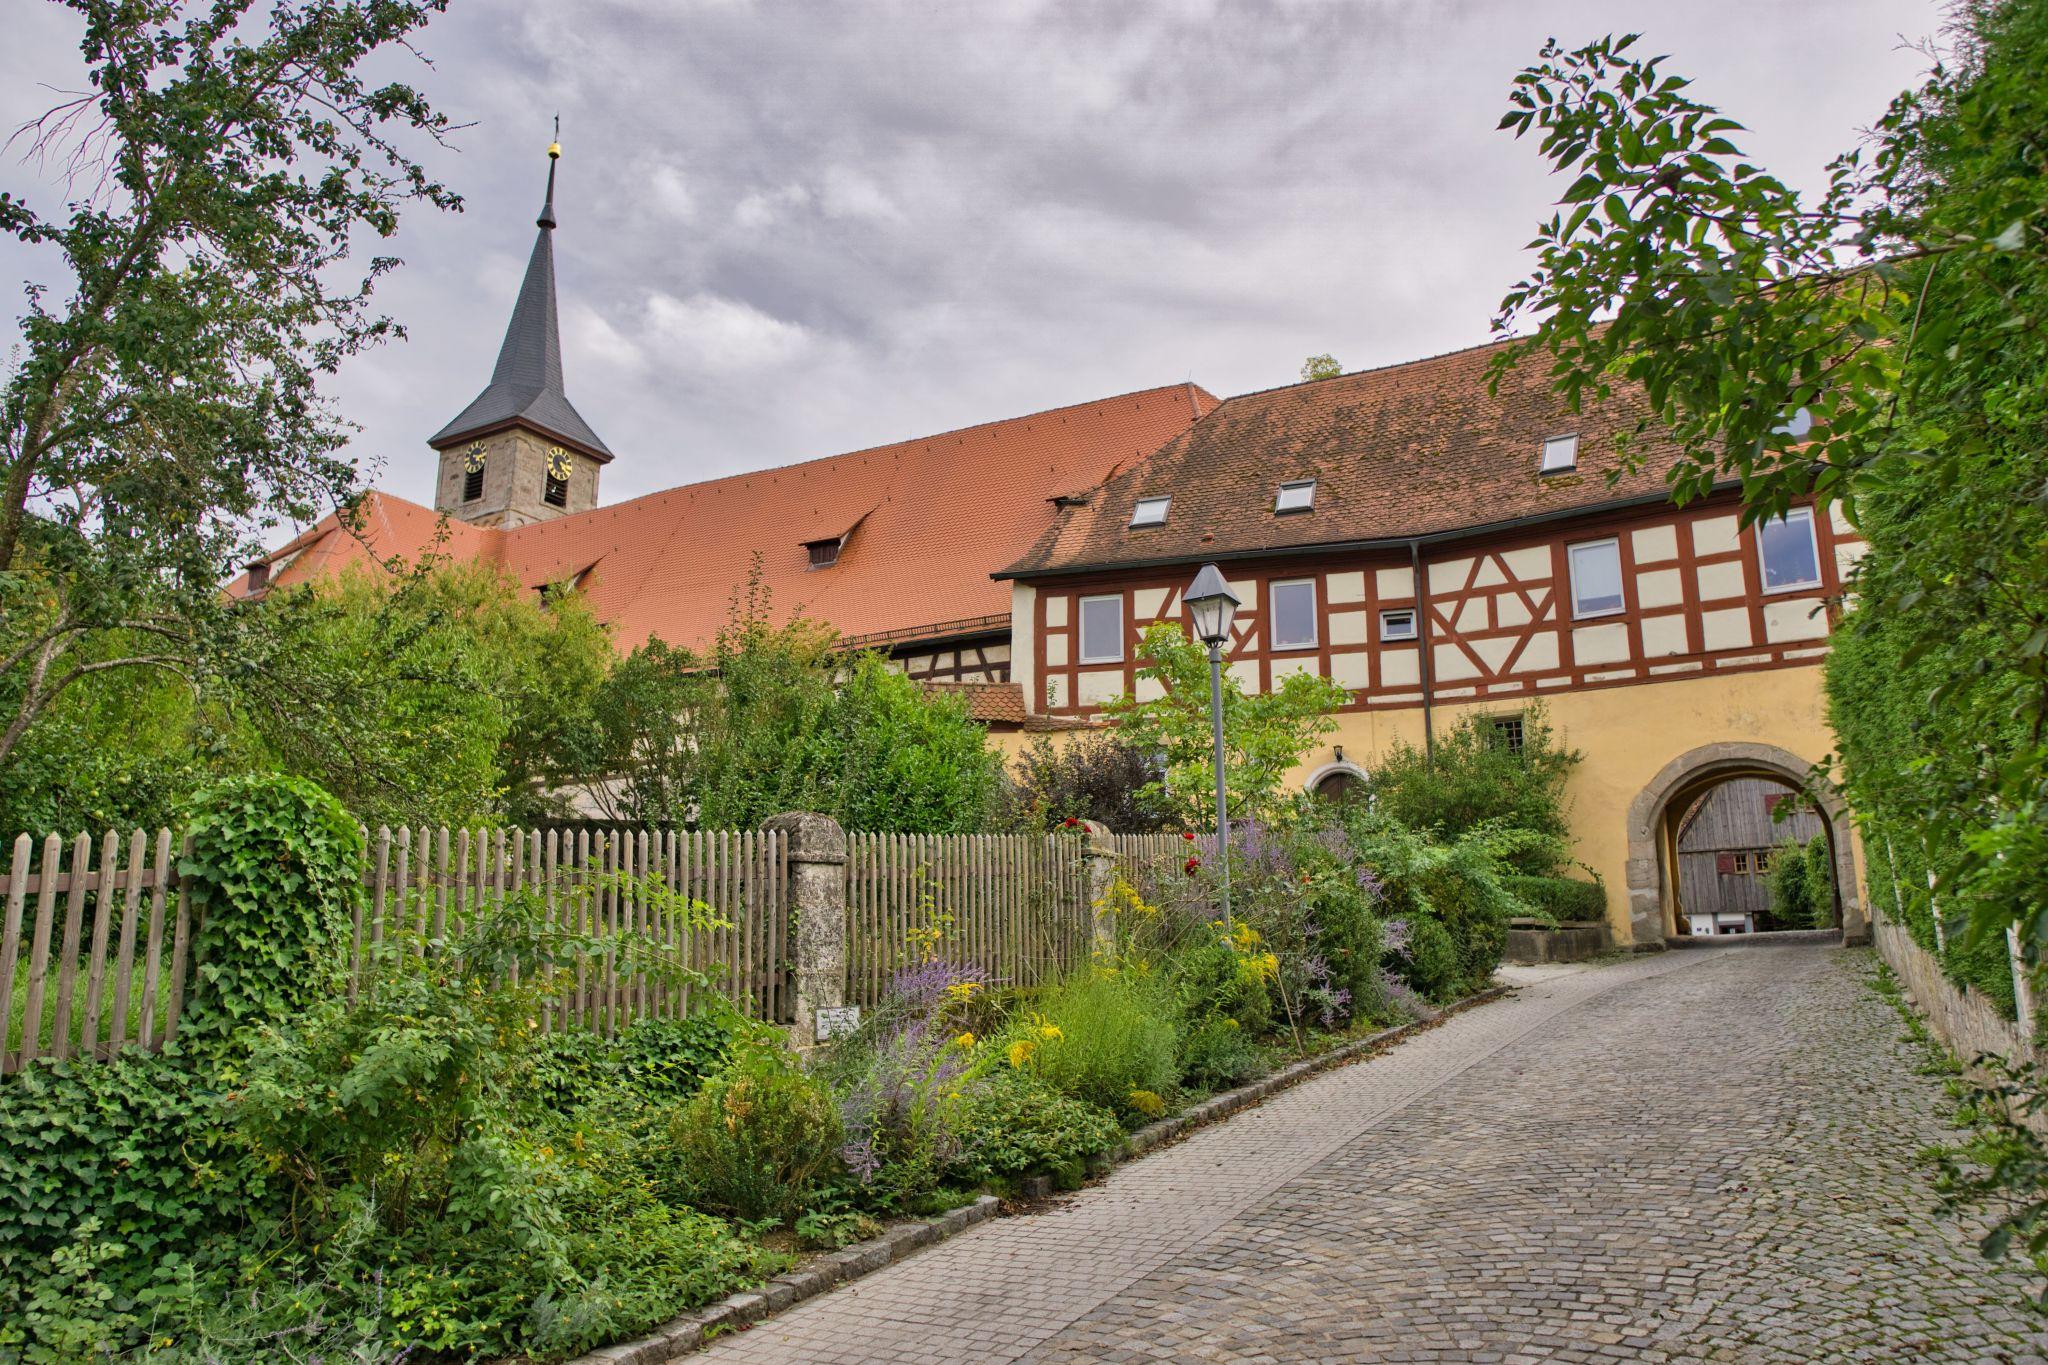 Klosterkirche Münchsteinach, Germany